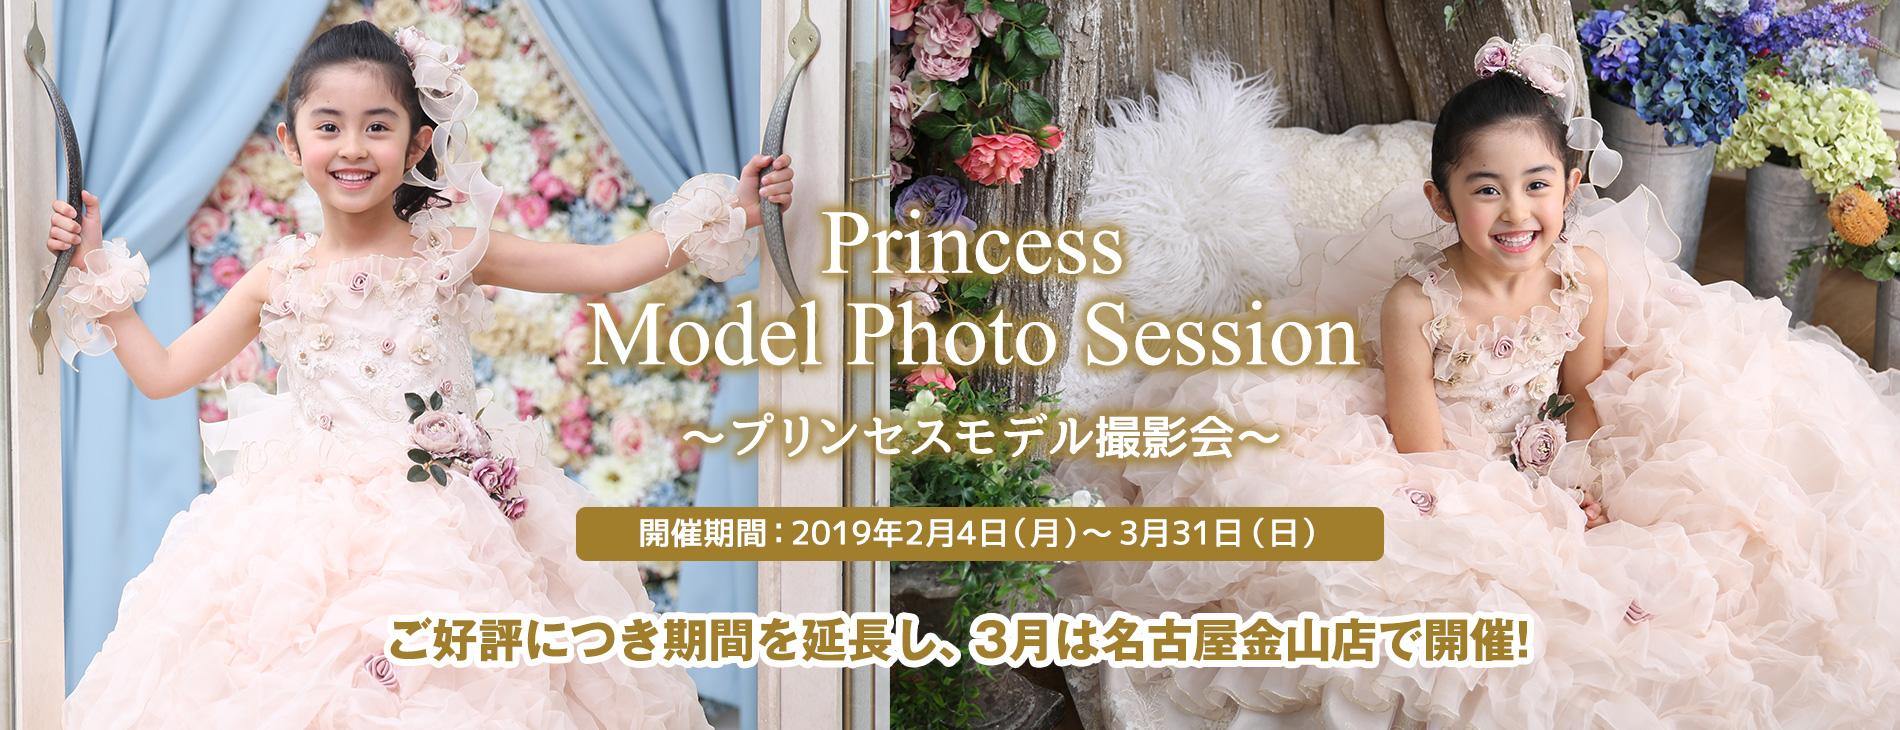 プリンセスモデル撮影会